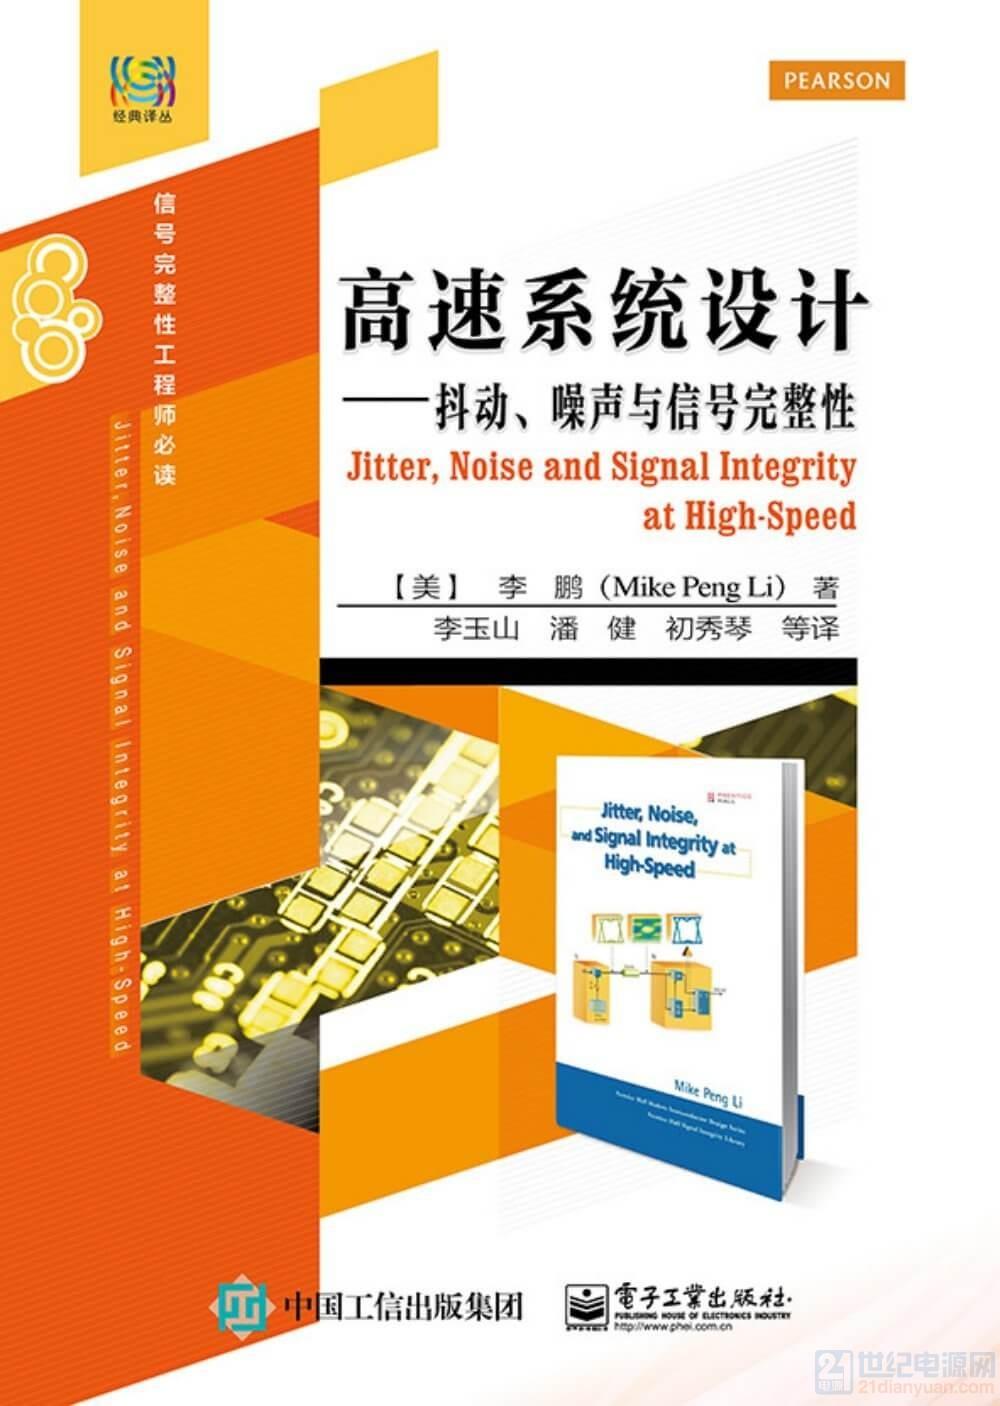 高速系统设计-抖动、噪声与信号完整性-1000x750.jpg